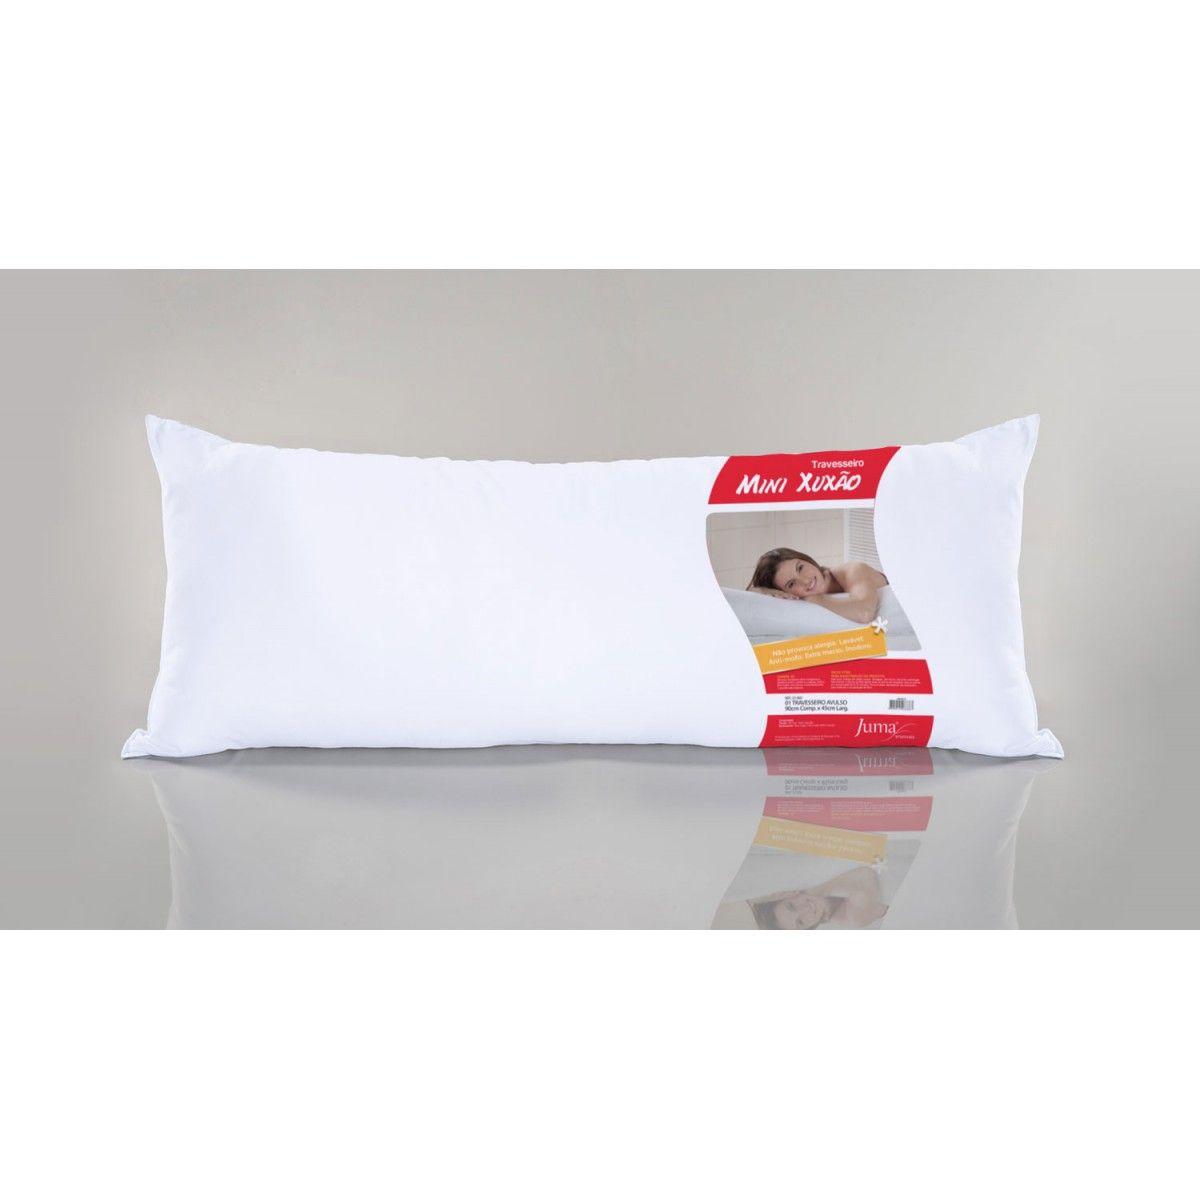 Travesseiro de Corpo 90cm x 45cm  Mini Xuxão 1 Peça - Branco